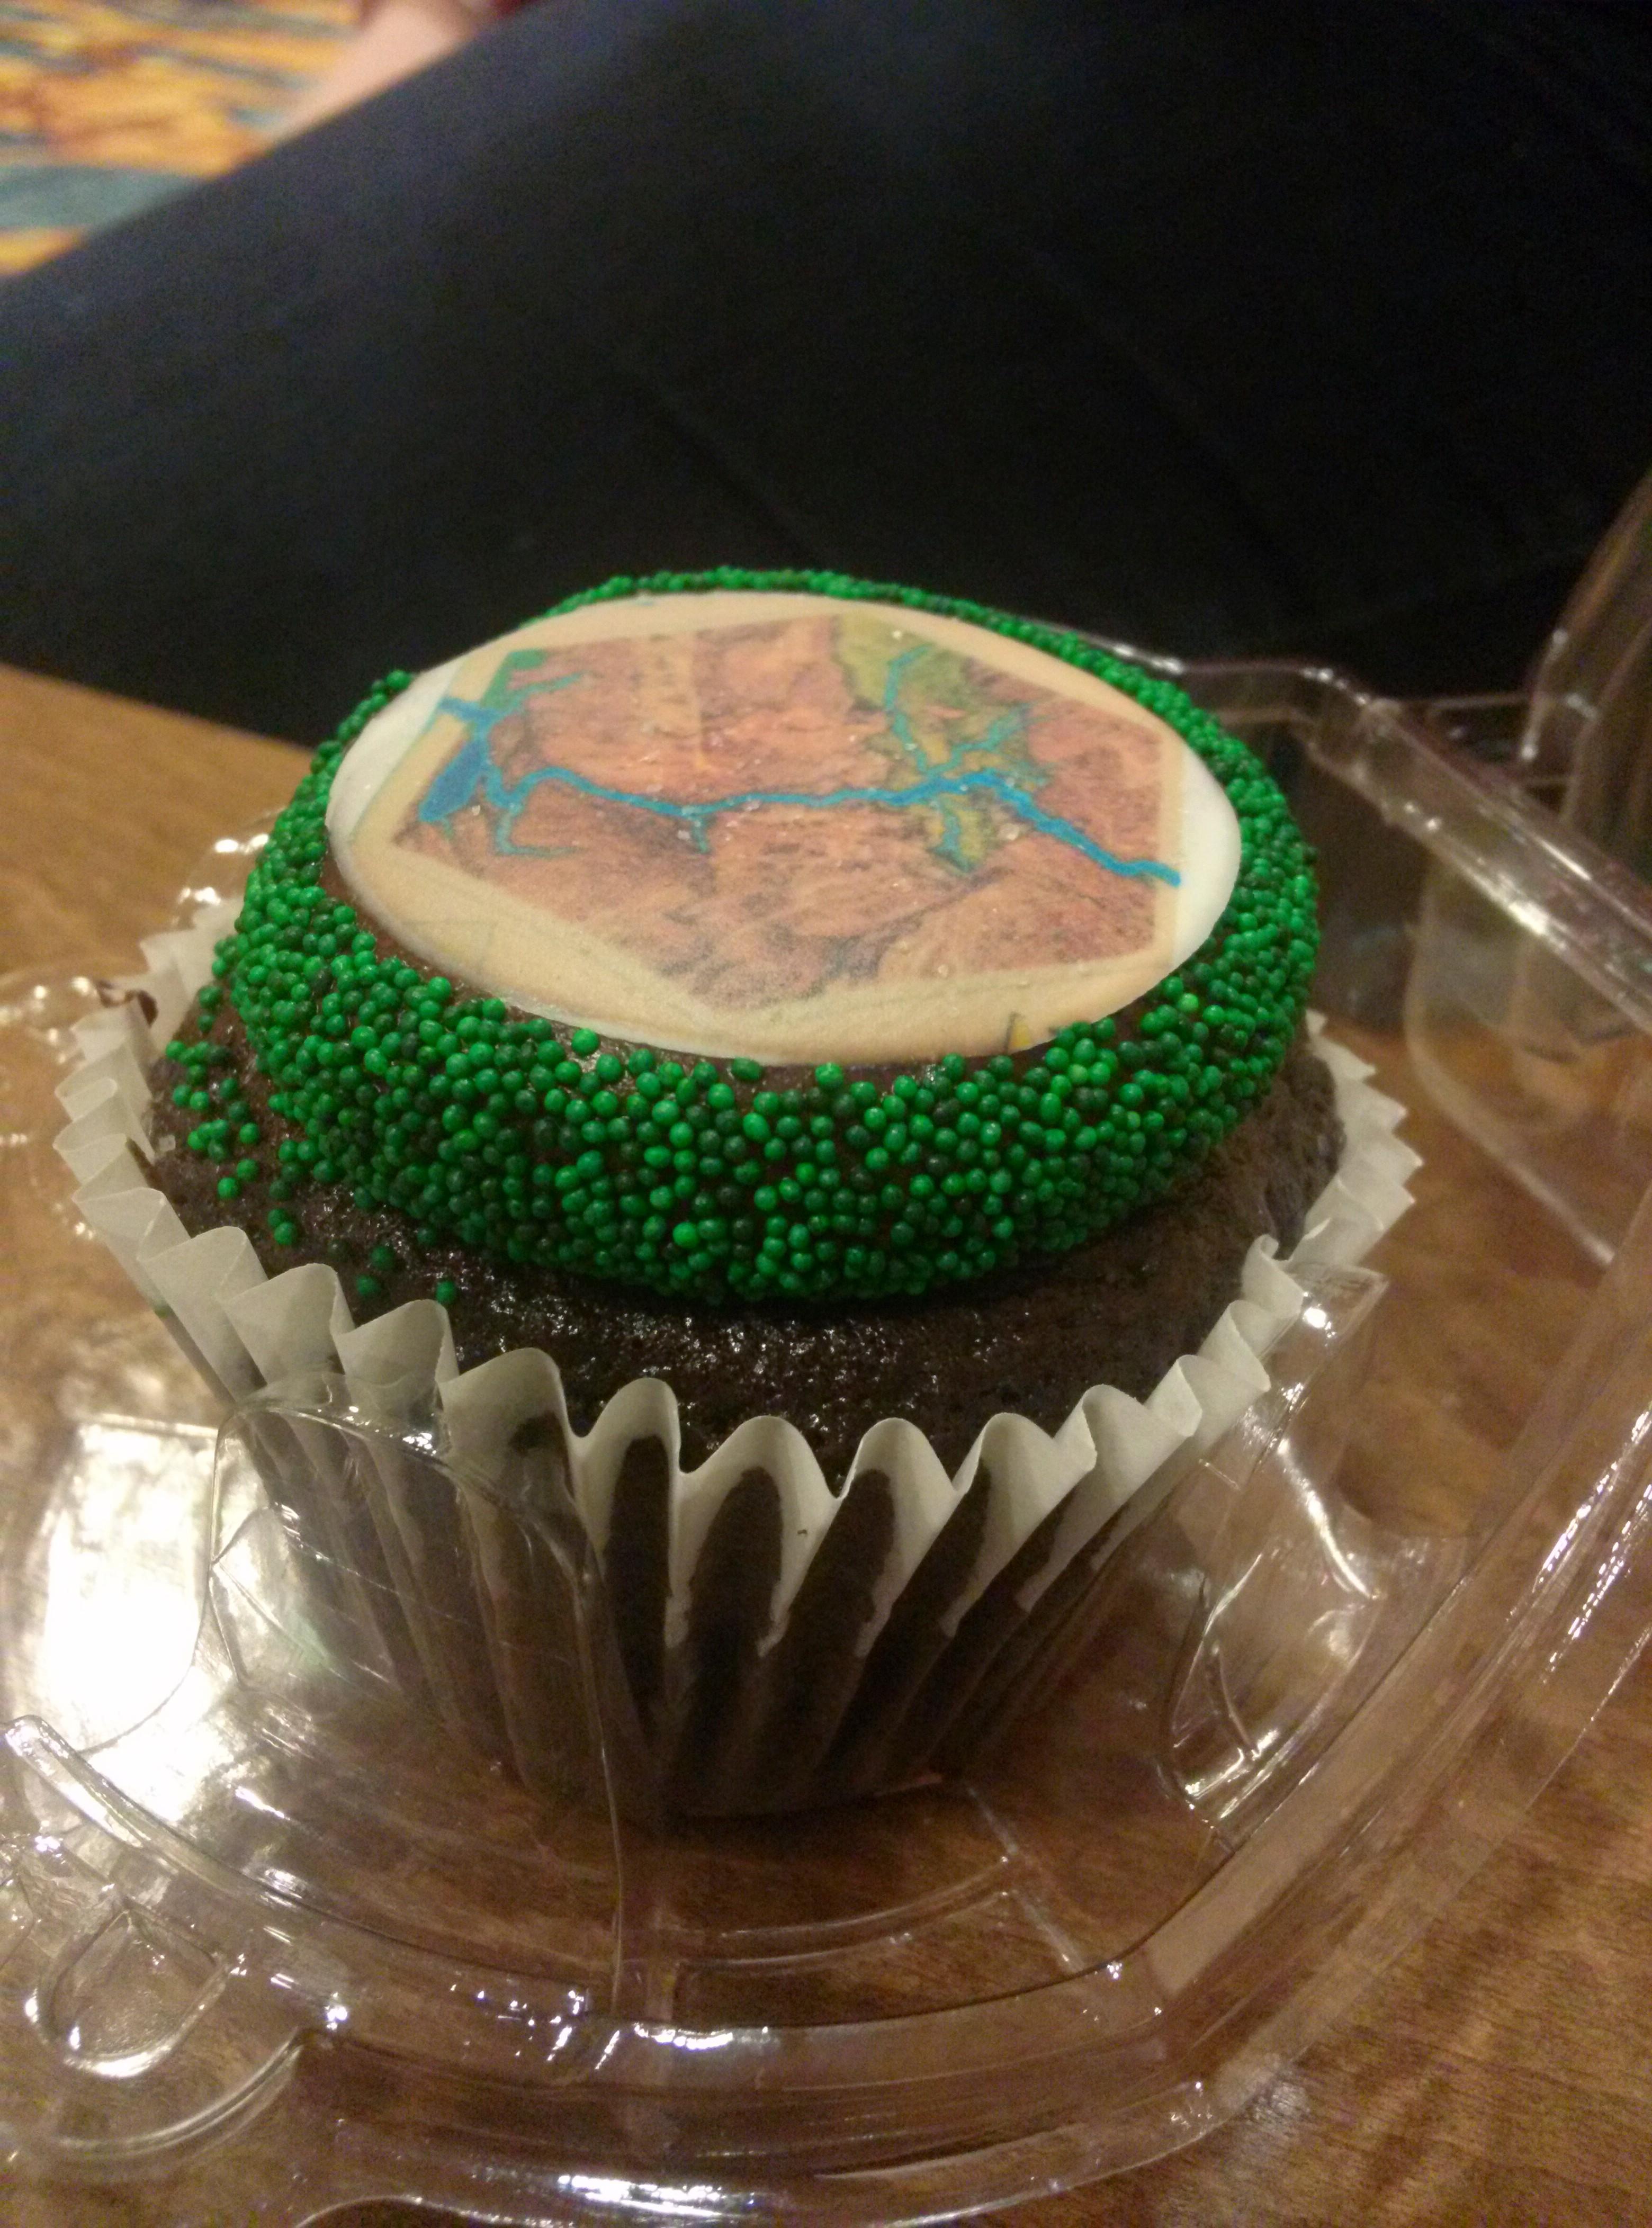 Cupcake of Catan